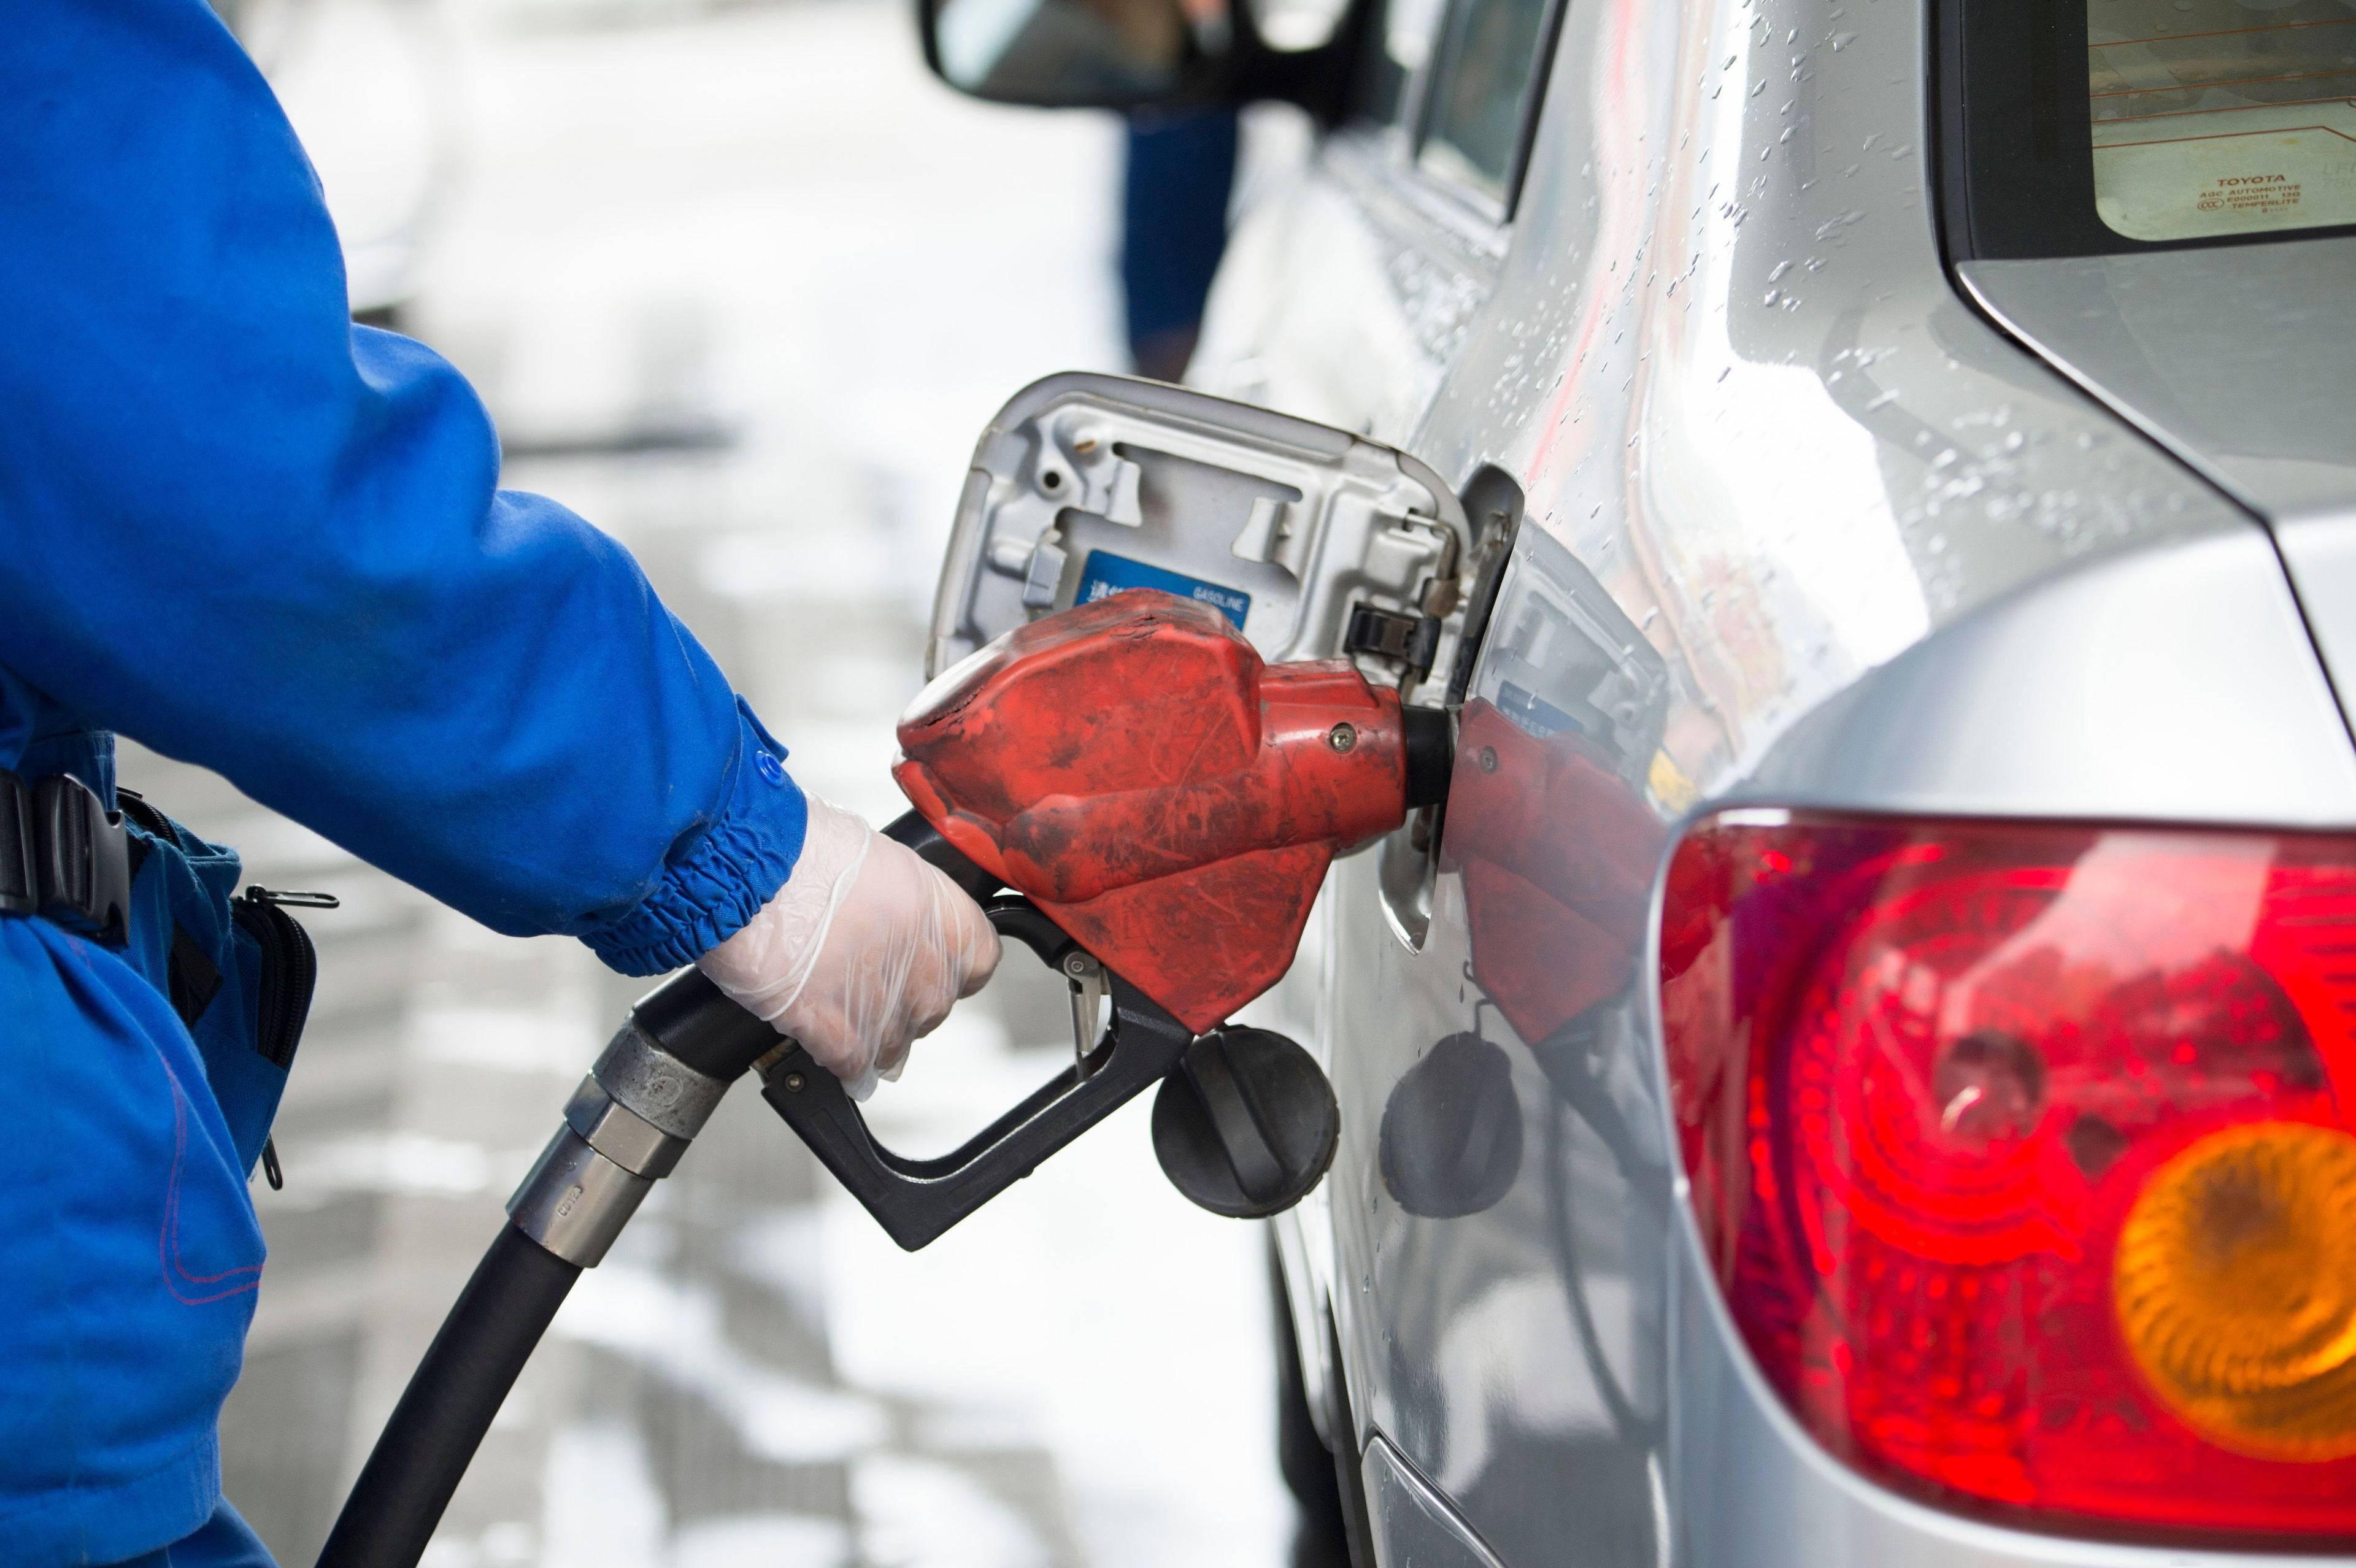 成品油价上调!每升汽油上涨1角多,车主们加满一箱油将多花约6元